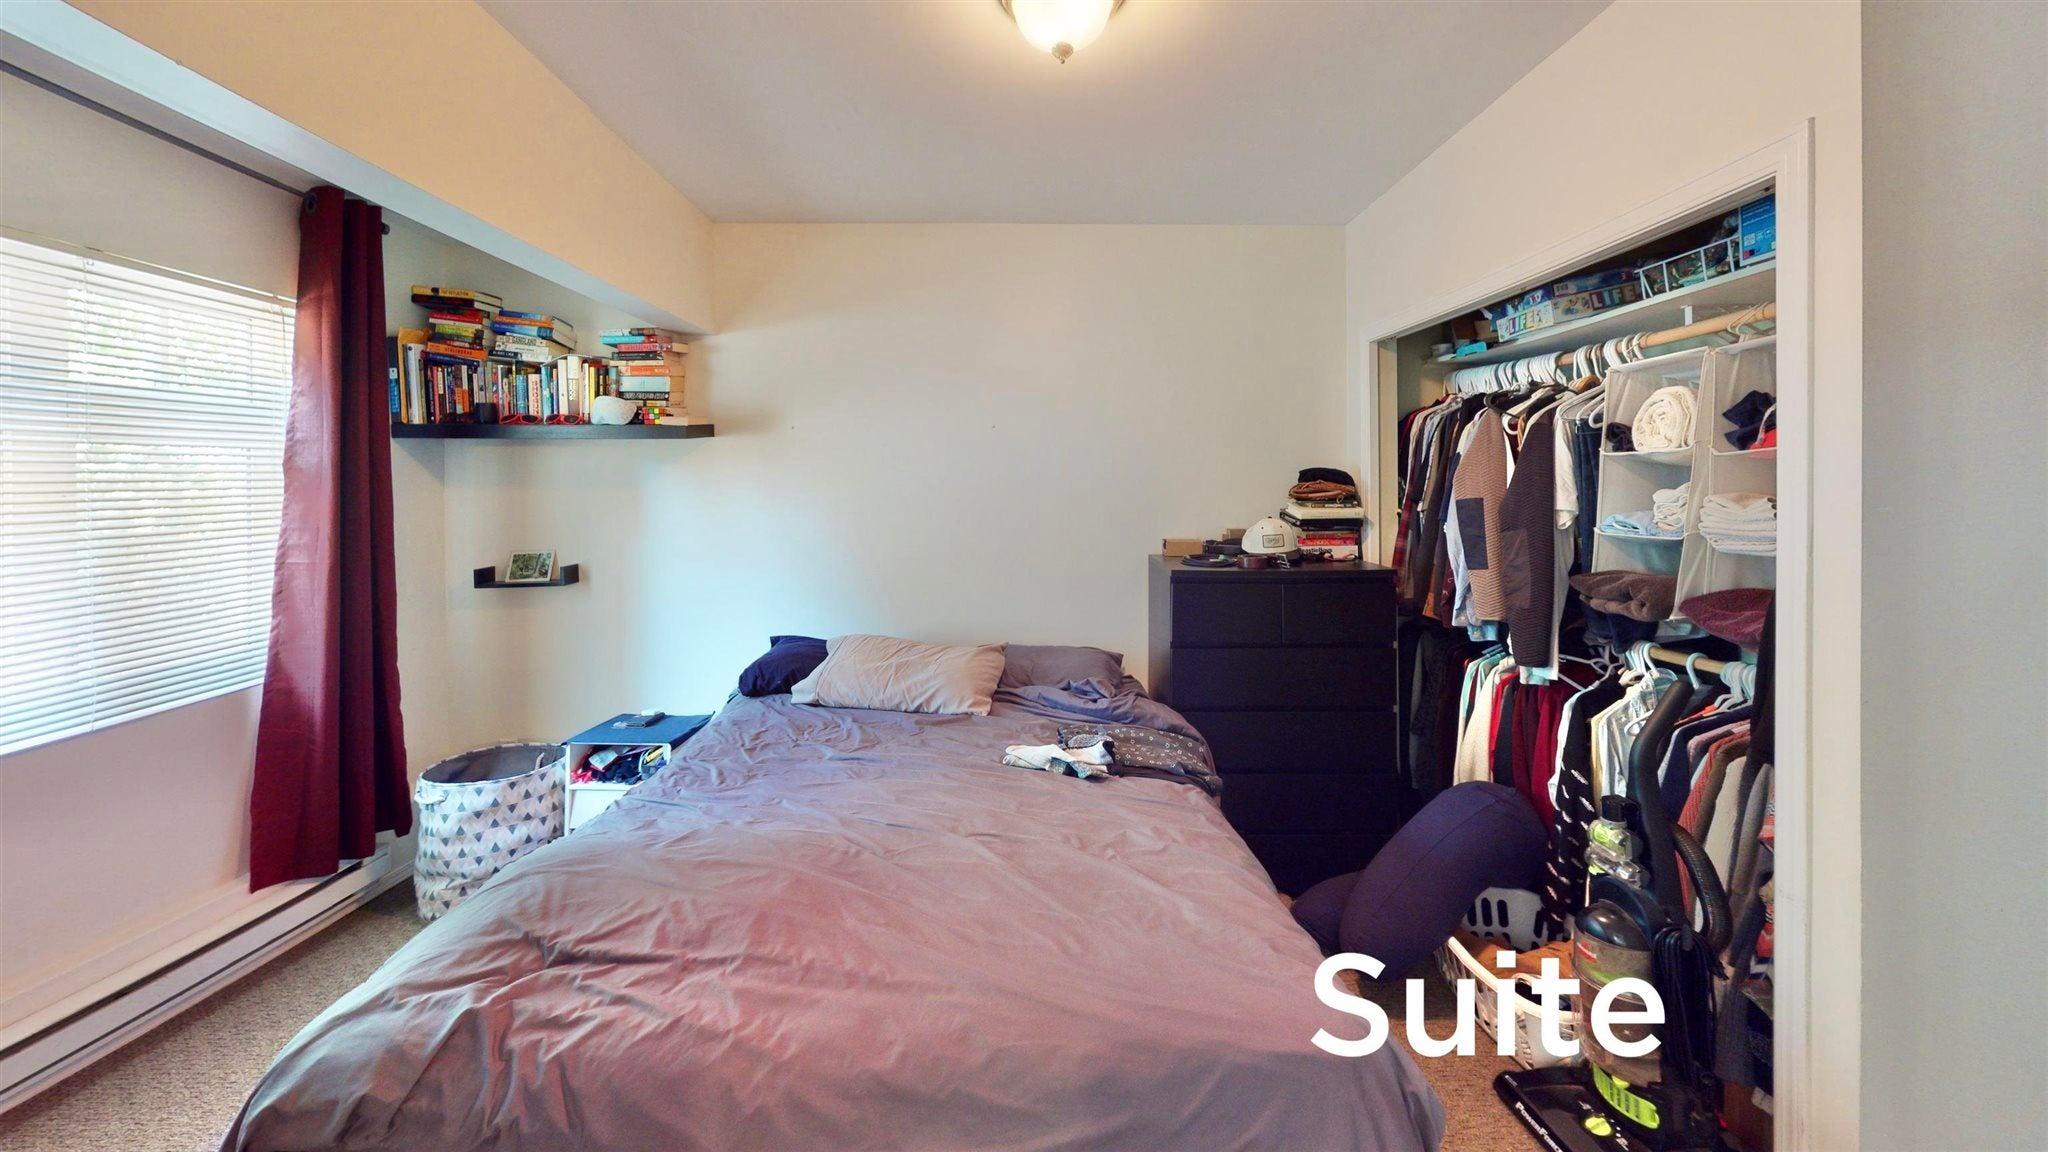 50 2322 CAYLEY CLOSE - Bayshores 1/2 Duplex for sale, 4 Bedrooms (R2599293) - #12